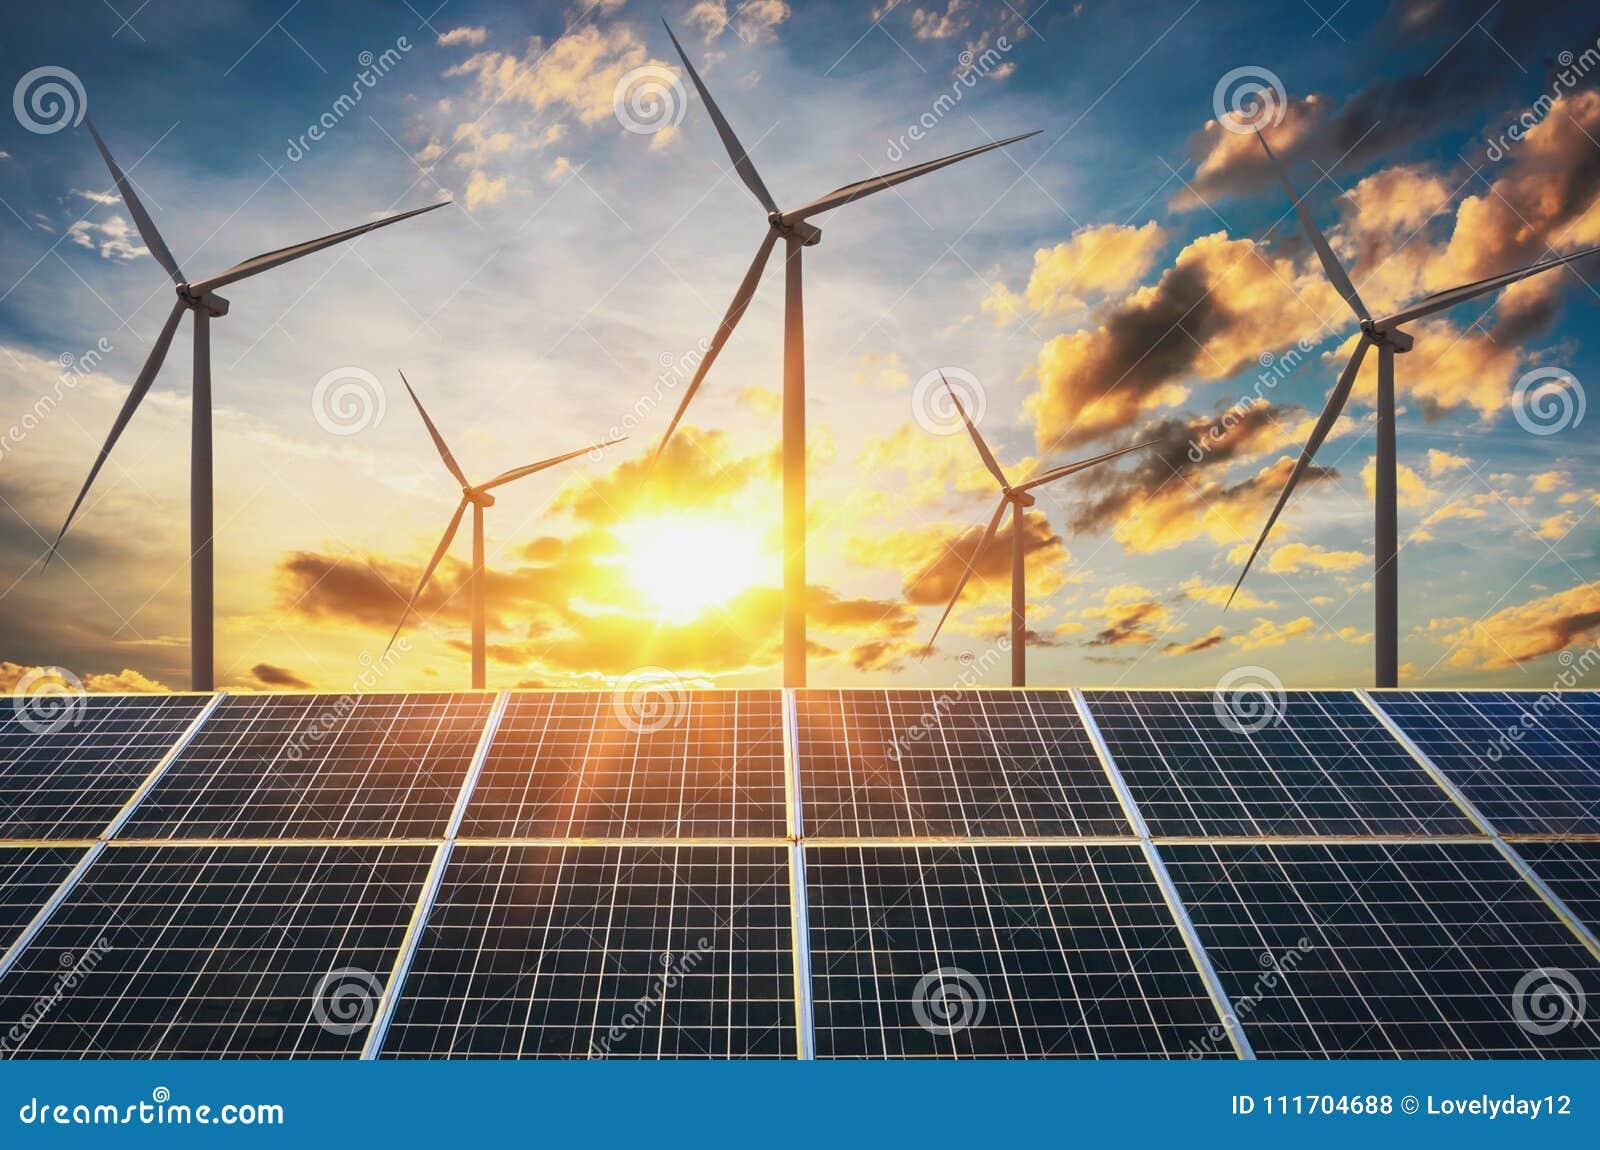 Vindturbin med solpaneler och solnedgång begreppsrengöring